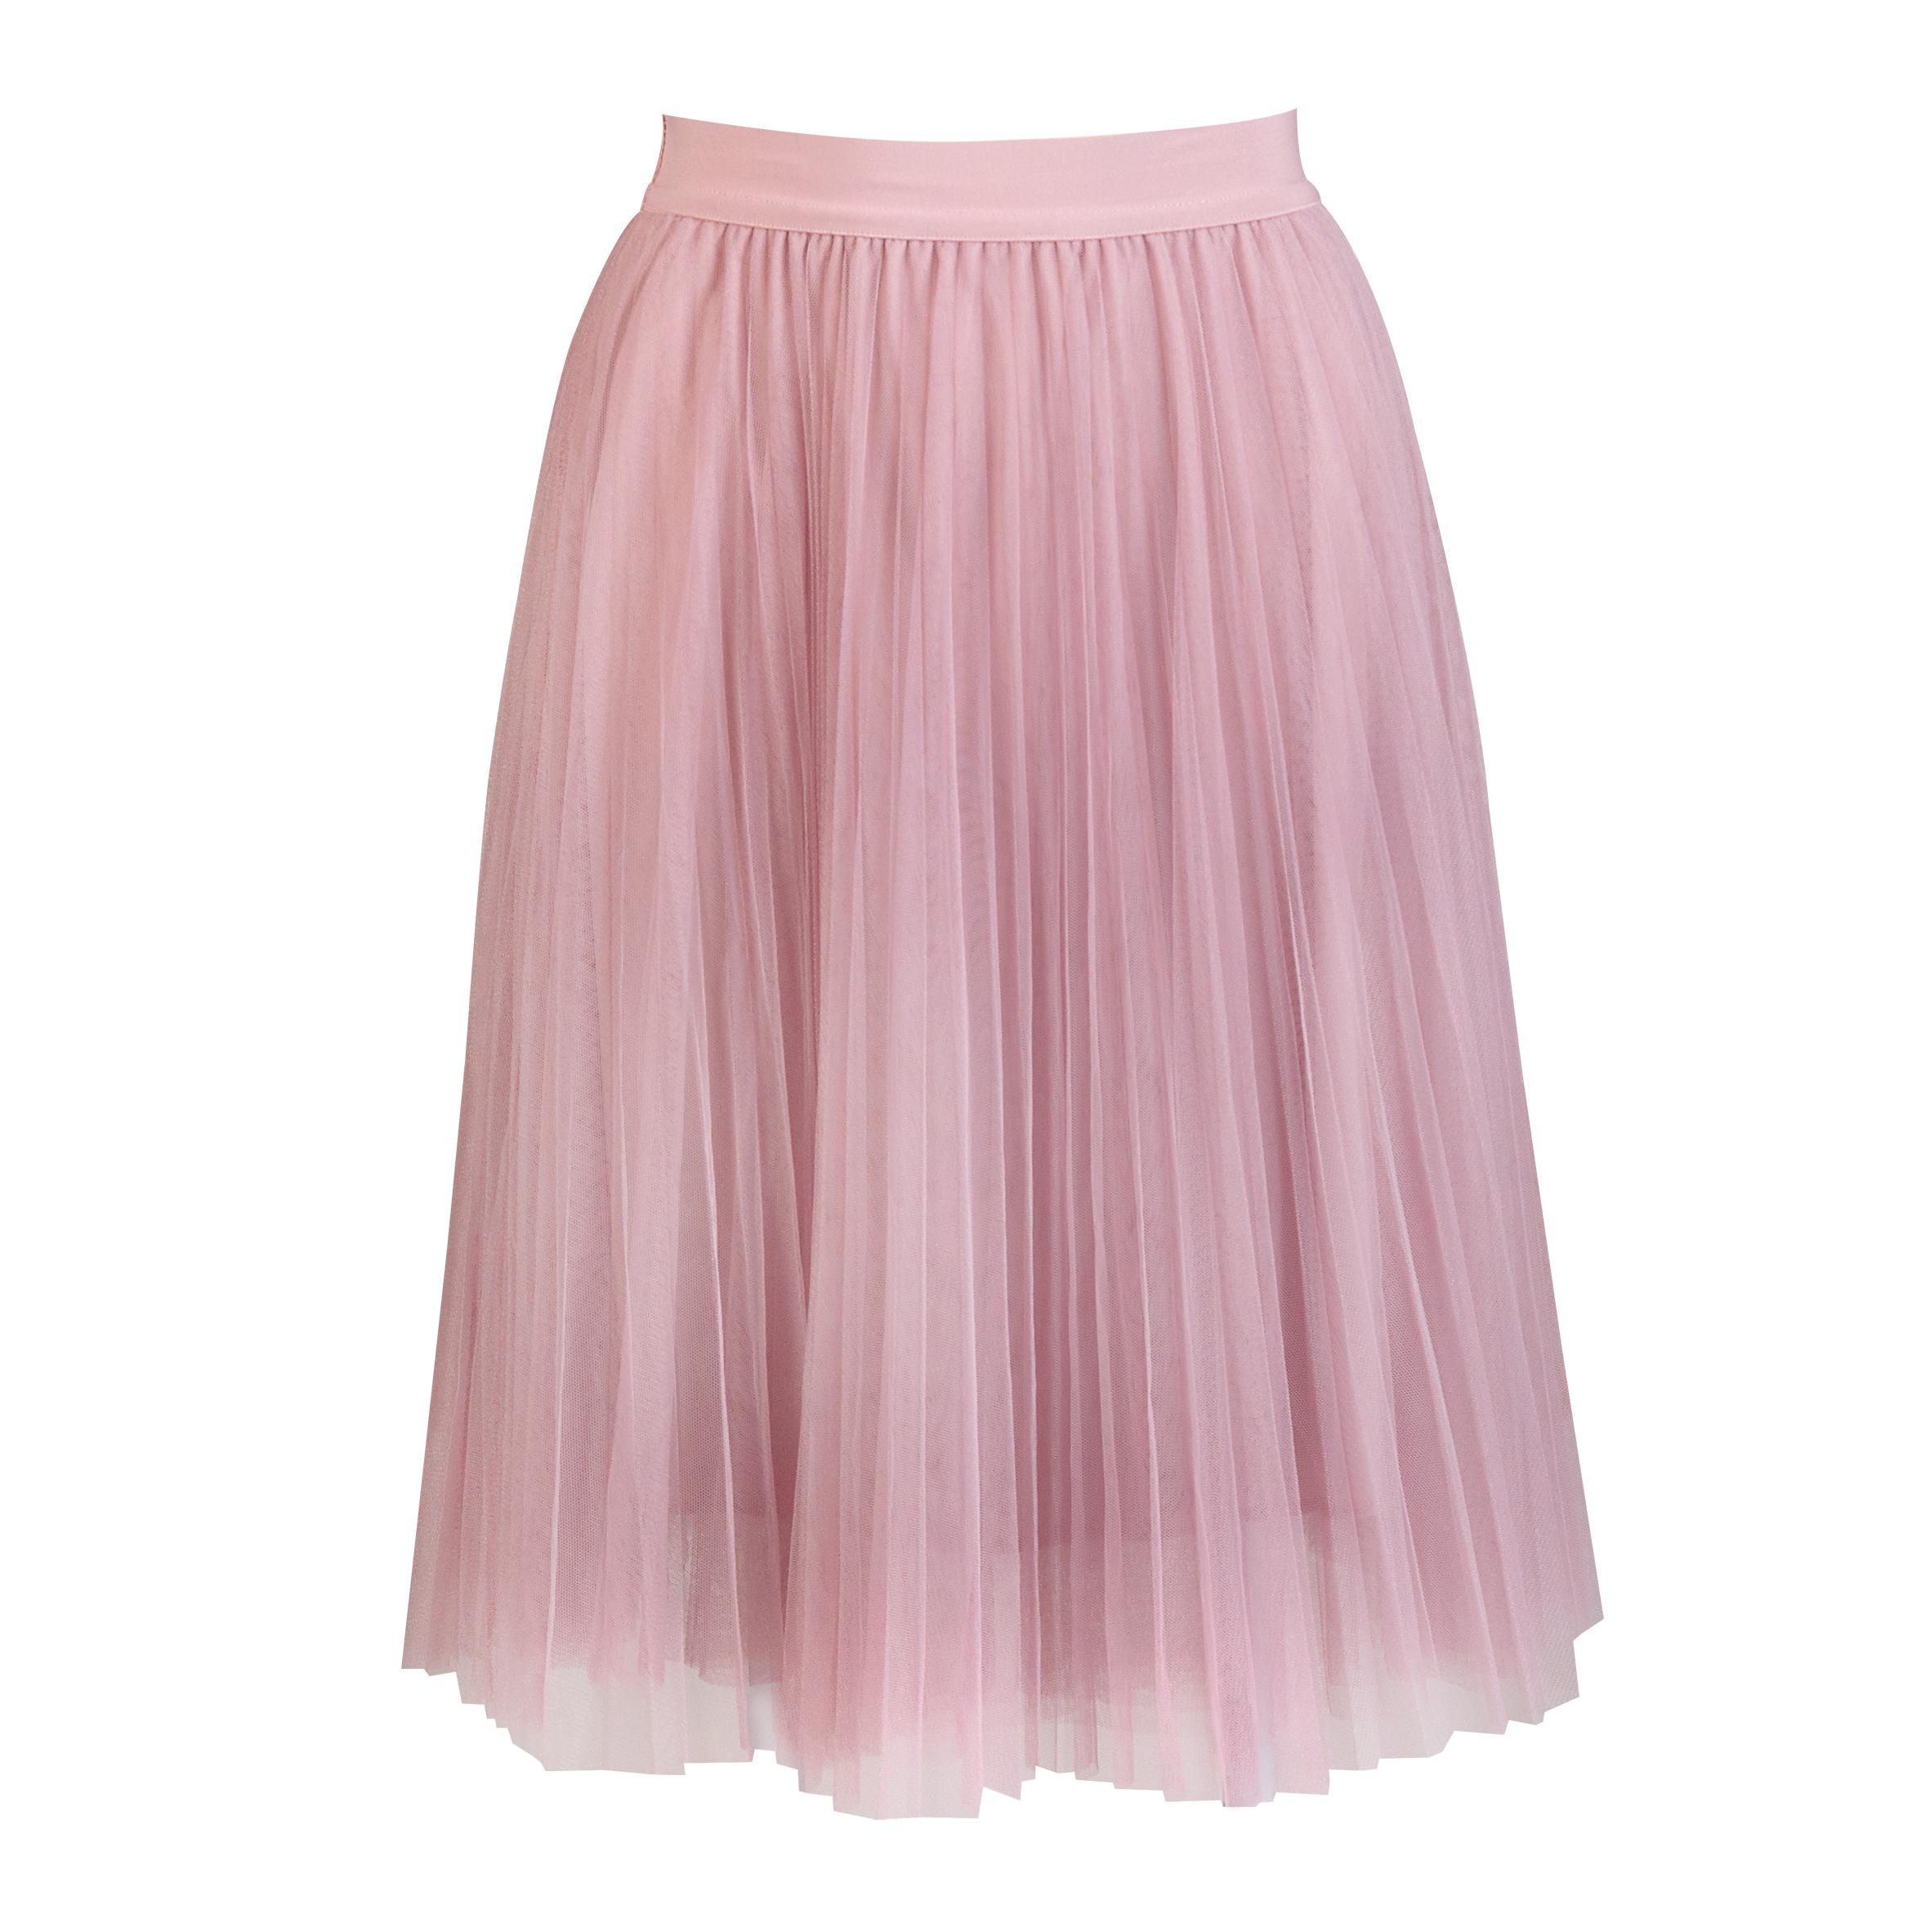 Tüllrock rosé, perfekt für Braut, Brautjungfern und Mädels, die Spaß an einem Tüllrock haben